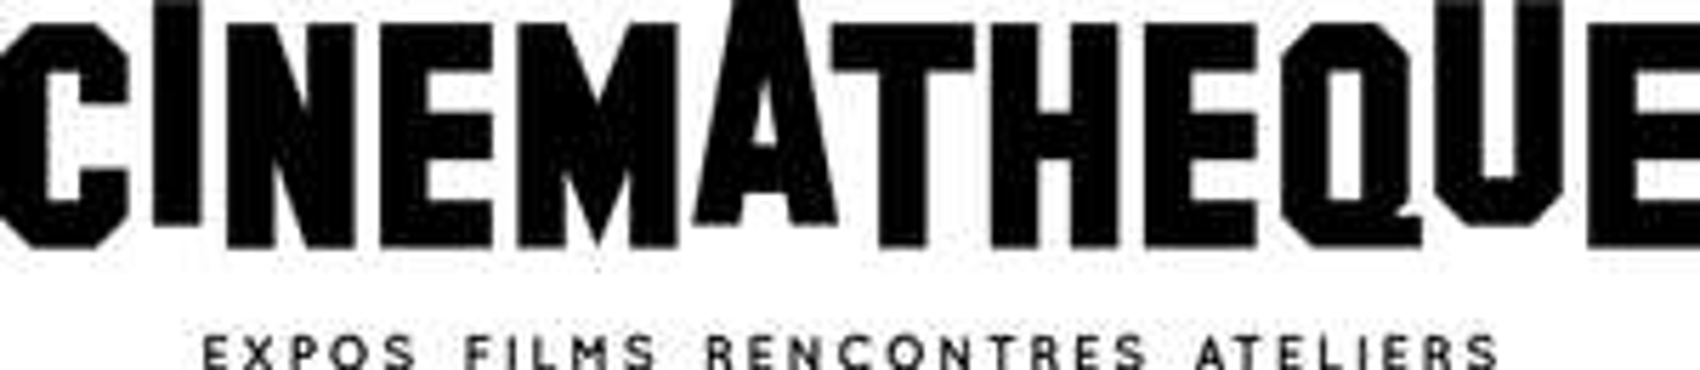 Sélection de films Henri de la Cinémathèque Française visionnable gratuitement chaque soir à 20 h 30 (dématérialisés) - Cinémathèque.fr